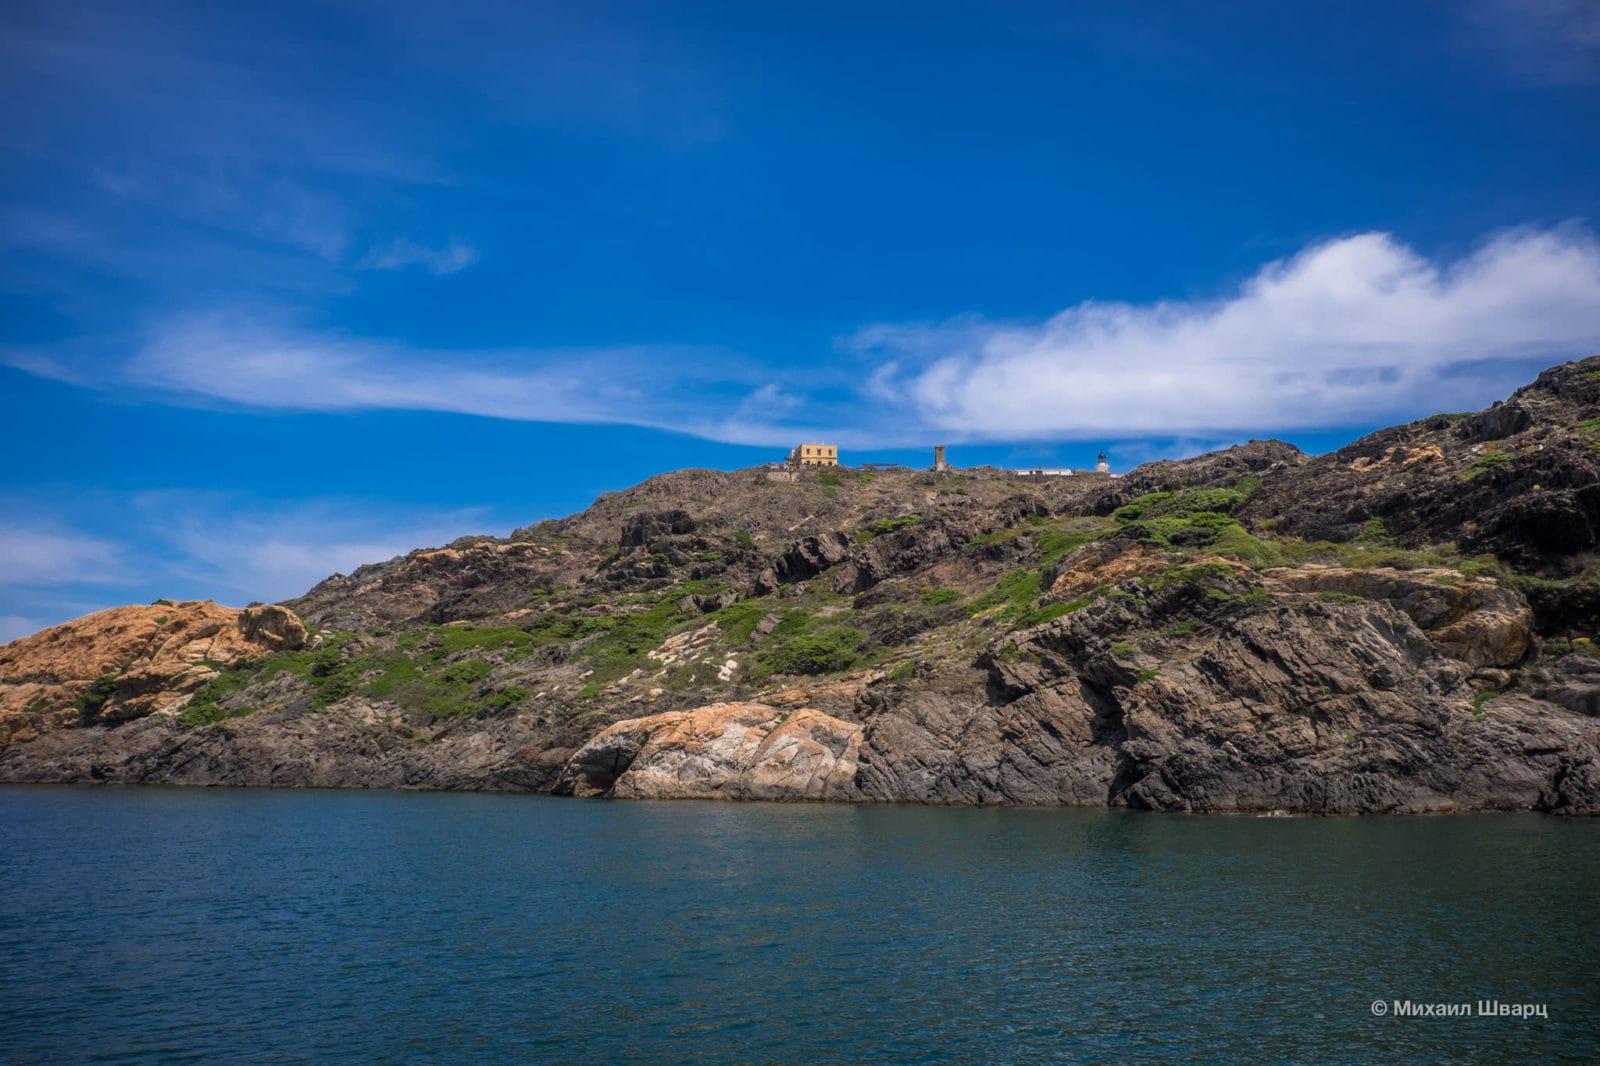 Маяк на мысе Cap de Creus